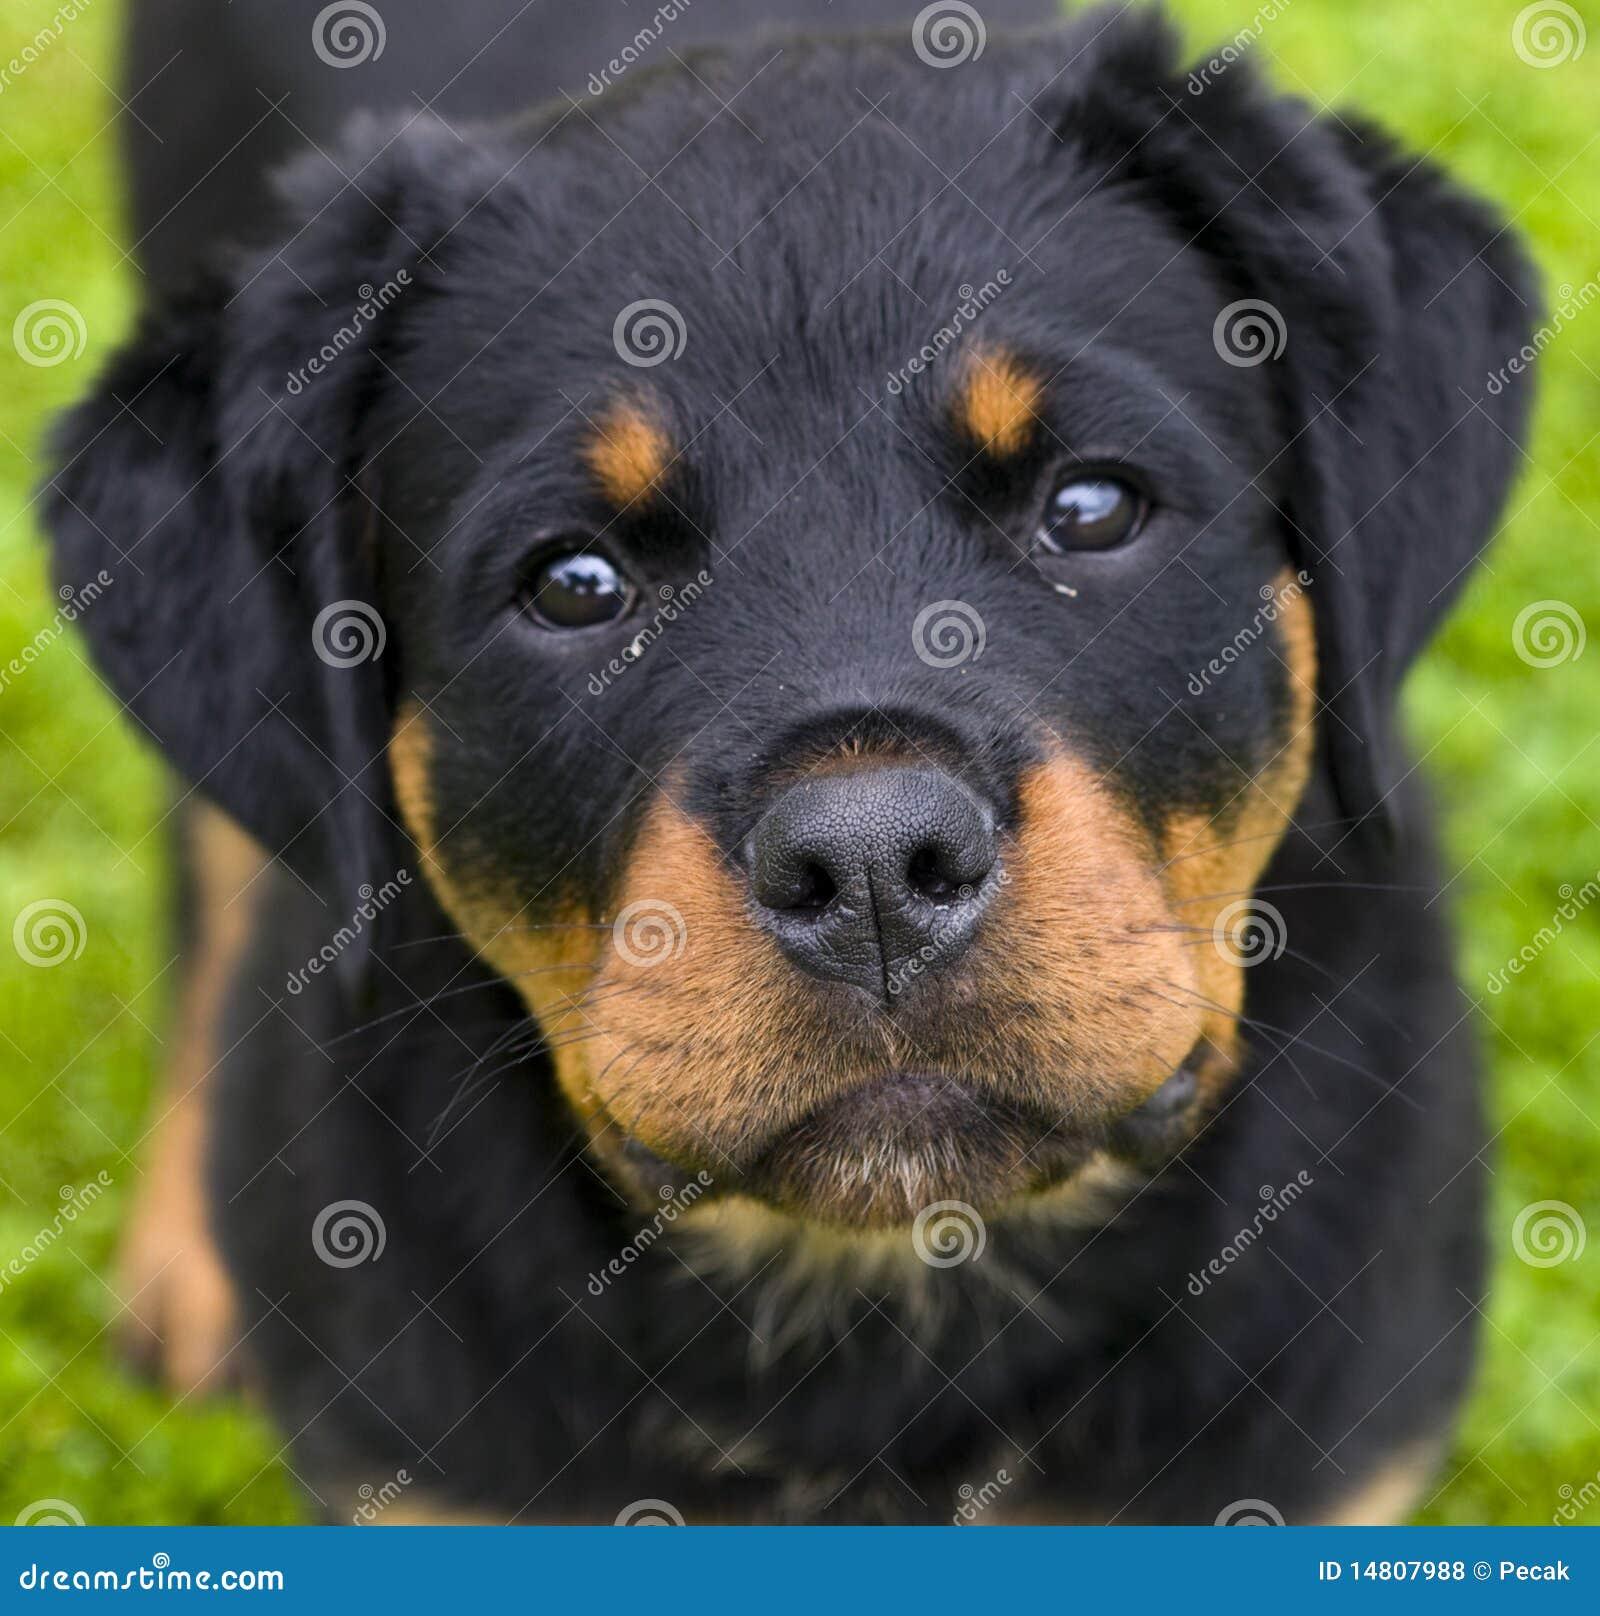 Filhote De Cachorro De Rottweiler Fotos de Stock Royalty Free - Imagem